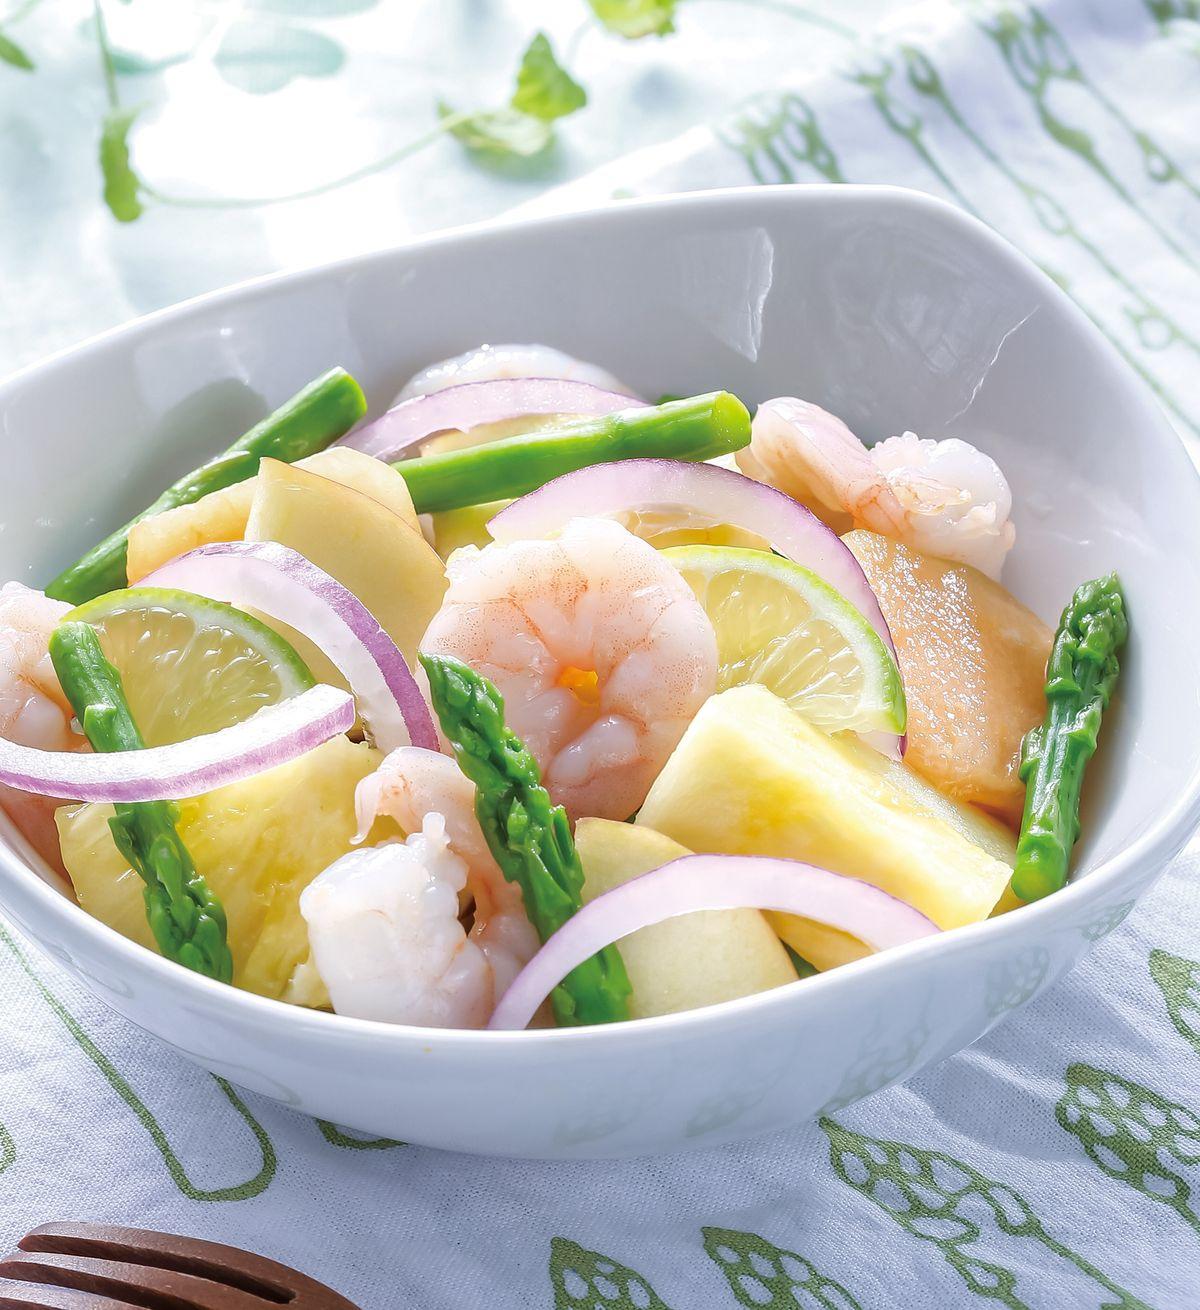 食譜:蔬果拌蝦仁